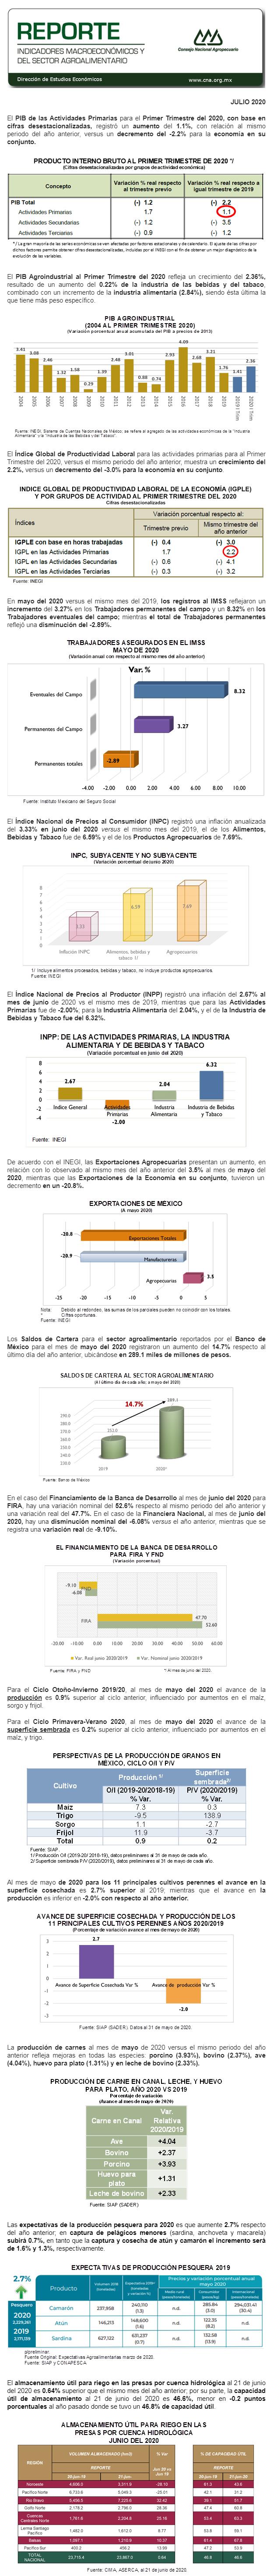 Reporte de Indicadores Macroeconómicos y Sectoriales del Sector Julio 2020